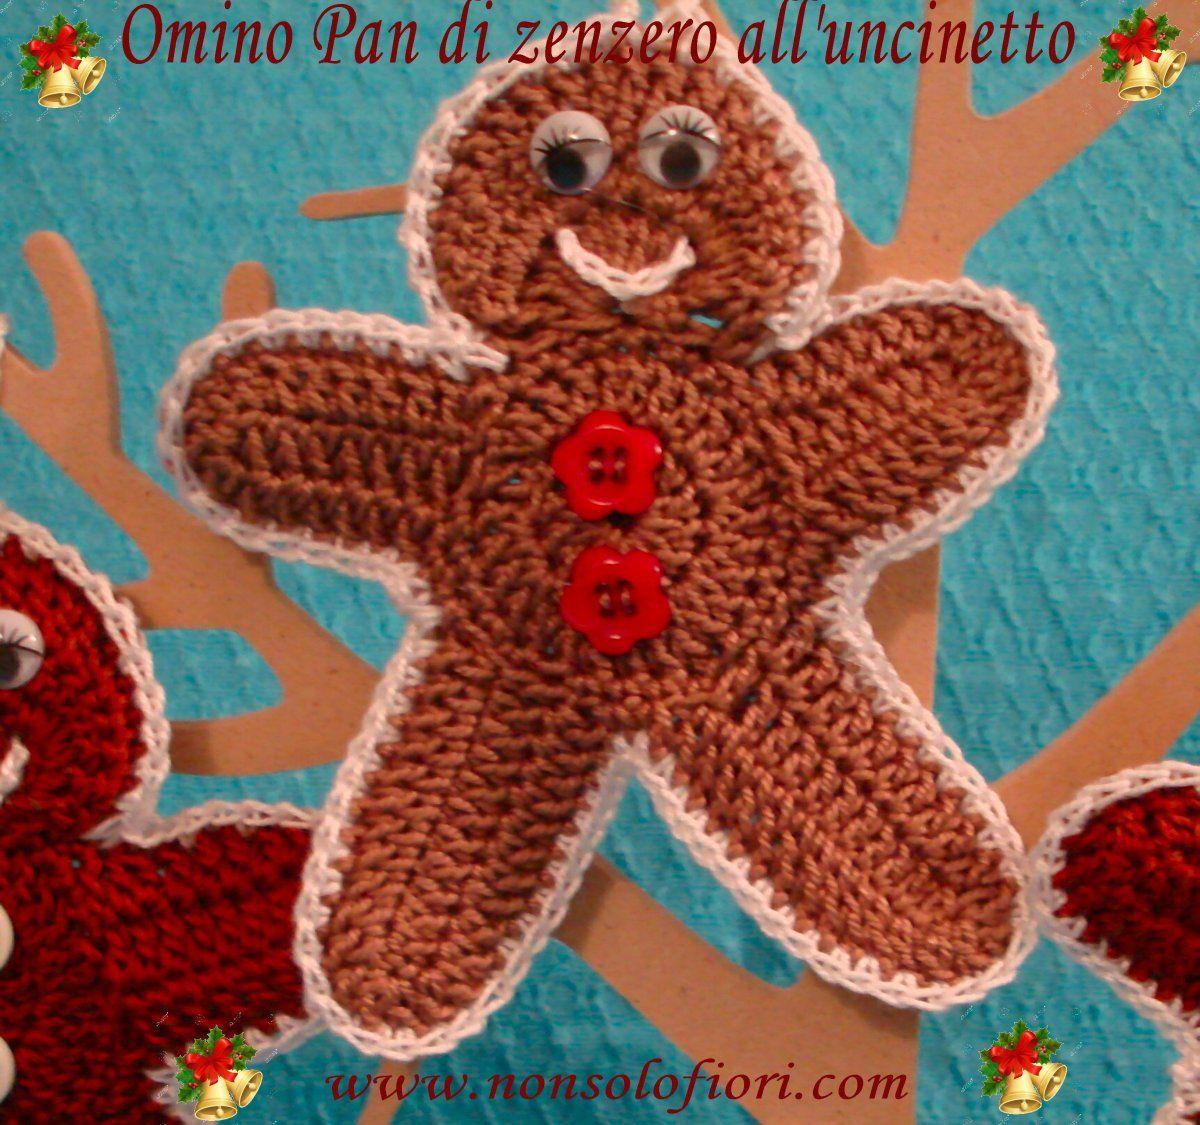 Il blog di Laura: Omino di pandizenzero all'uncinetto | 1125x1200